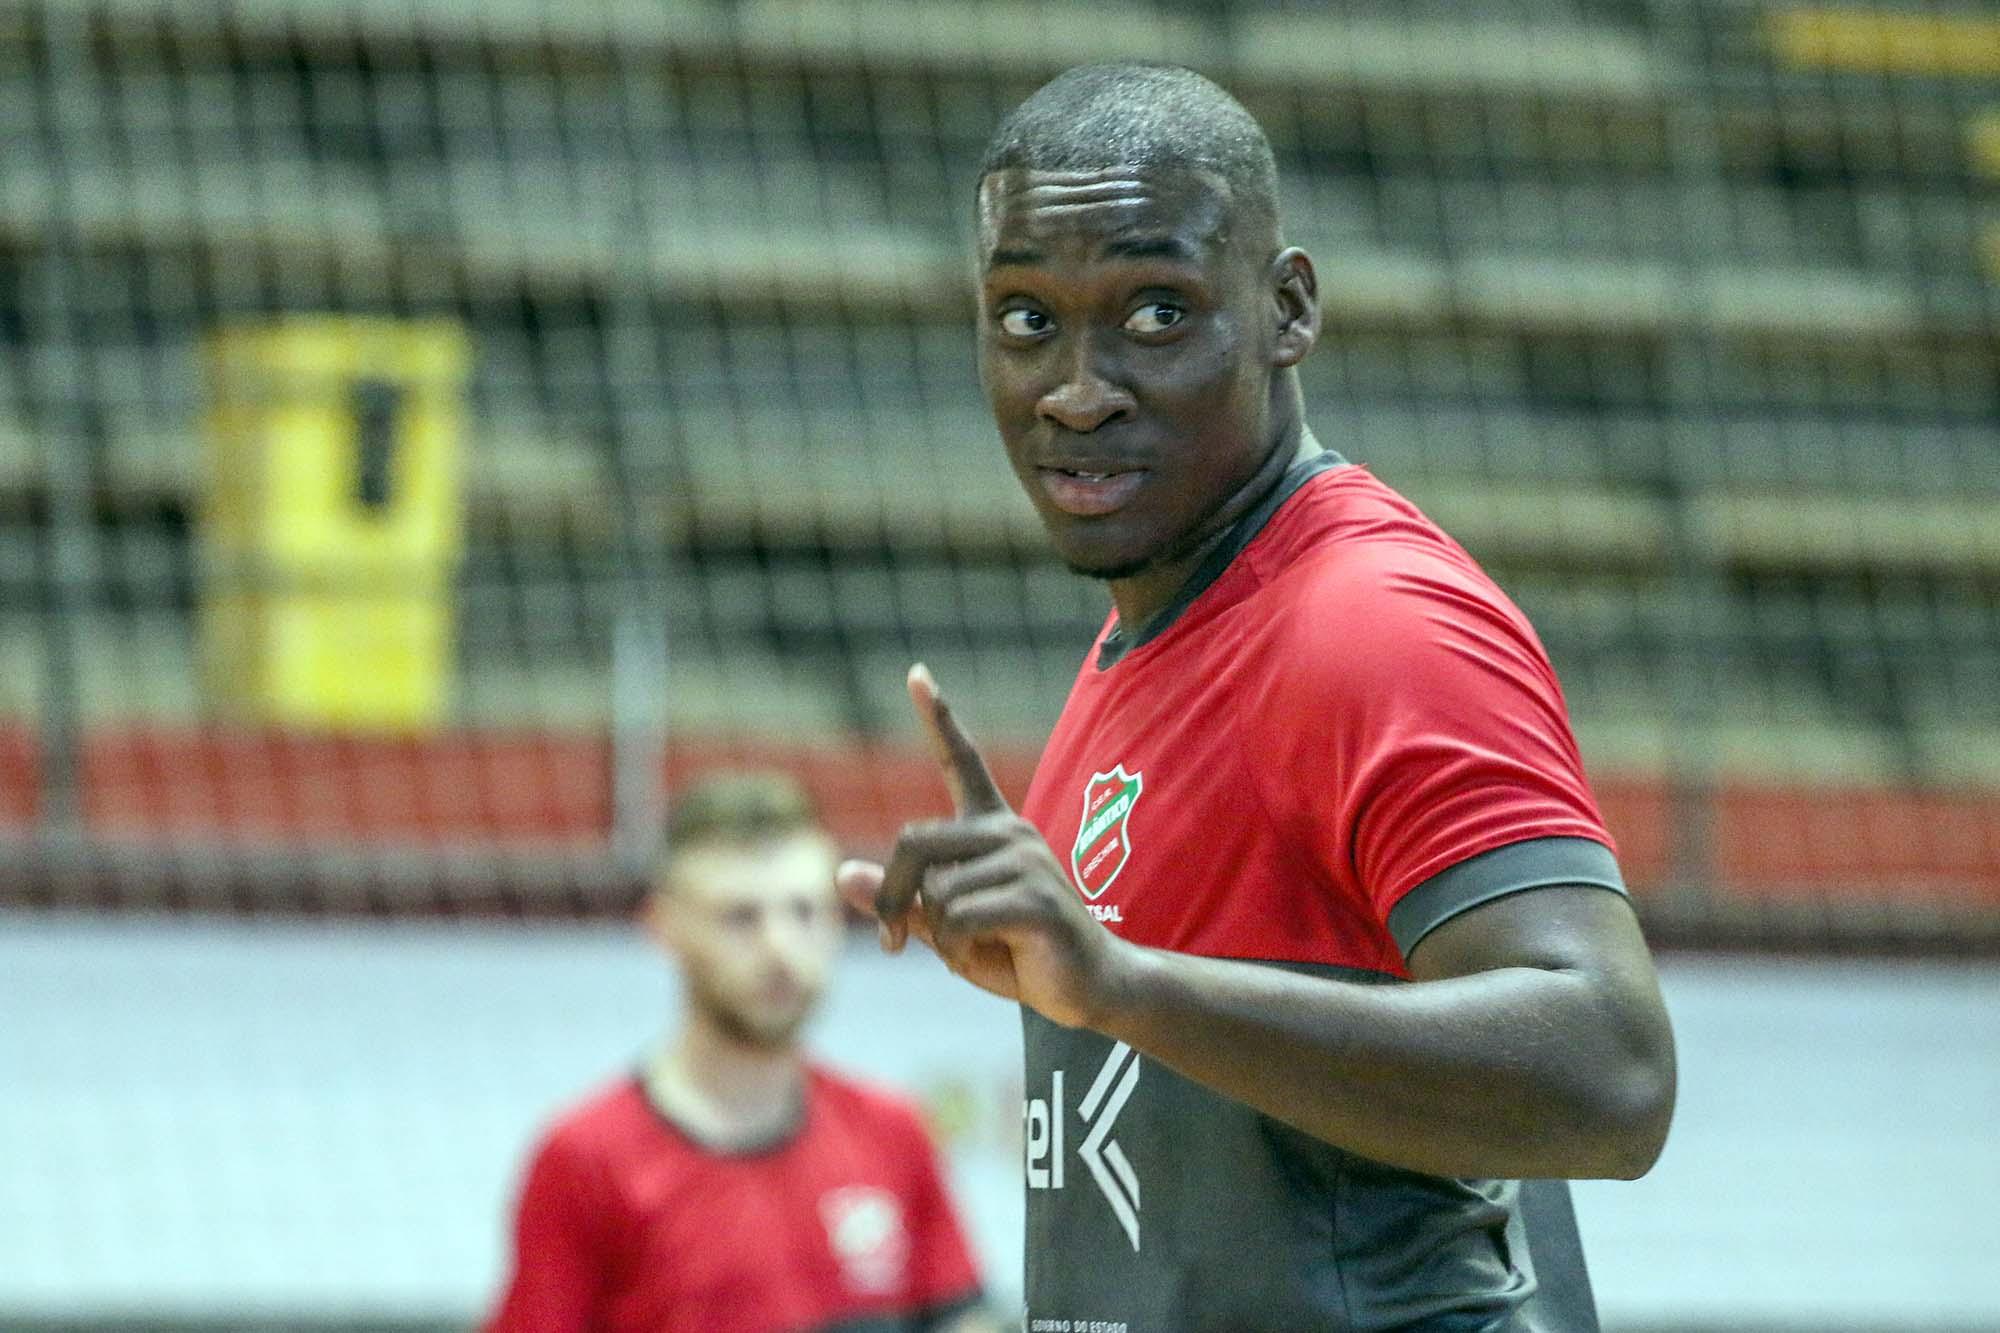 Dill marcou o único gol do Atlântico na partida contra o Joaçaba  |  Foto: Atlântico Futsal/Imprensa